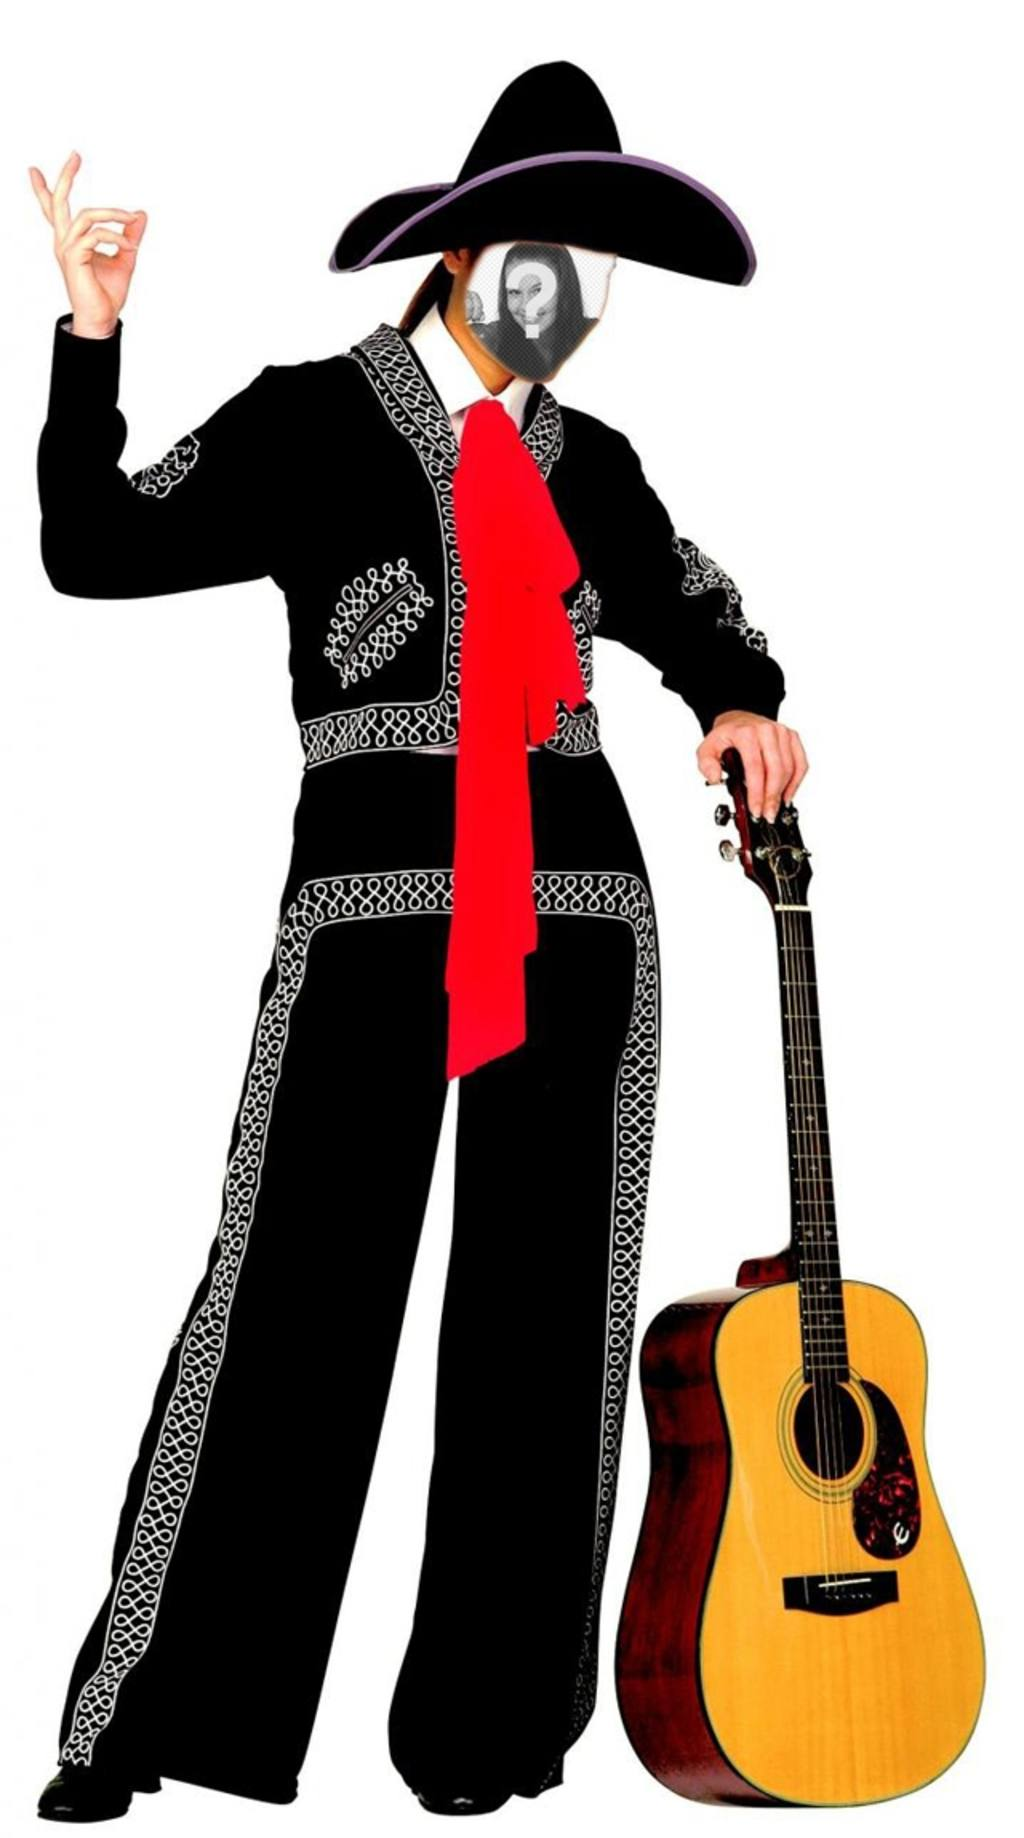 Vestirsi come un mariachi con questo effetto di modificare online e gratis Fotomontaggio